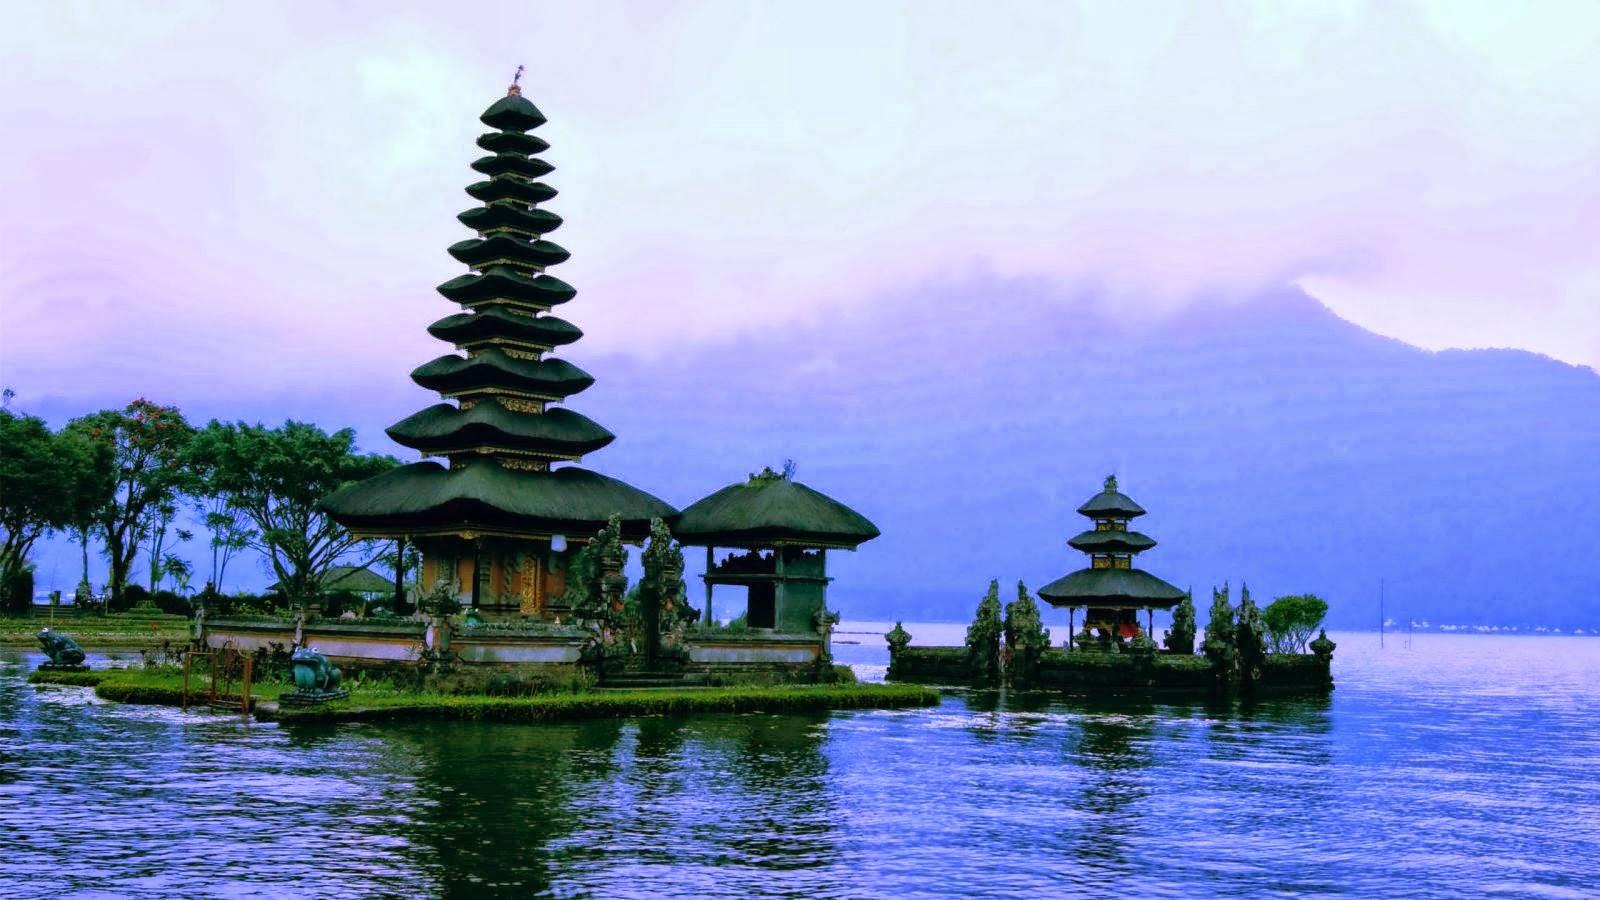 pariwisata indonesia pdf